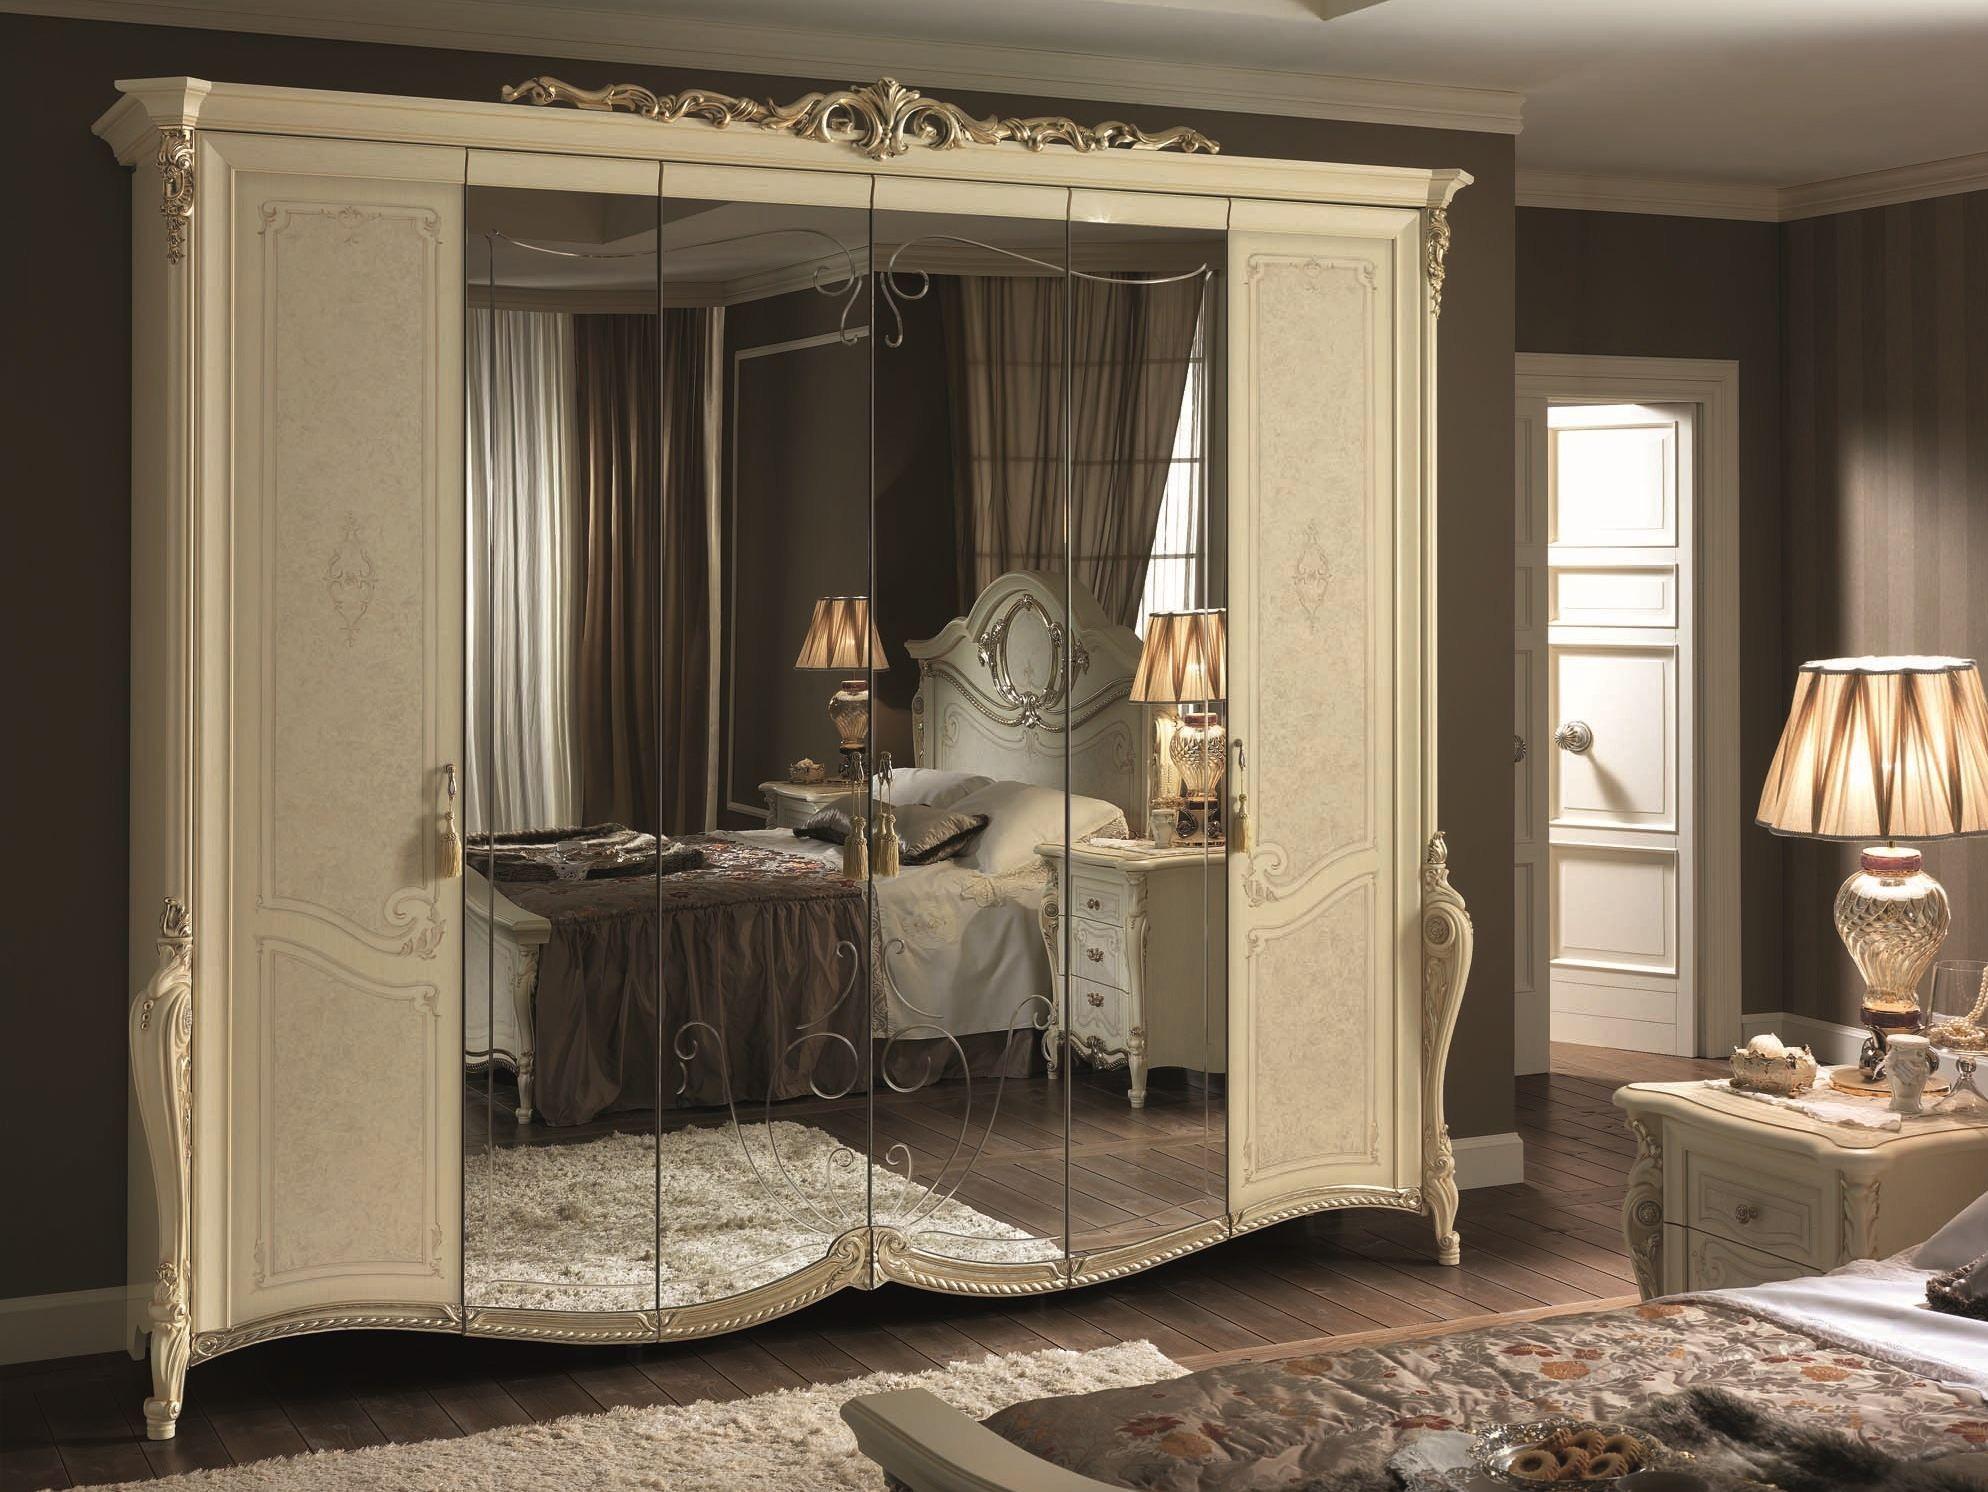 Tiziano wardrobe by arredoclassic - Armoire style romantique ...